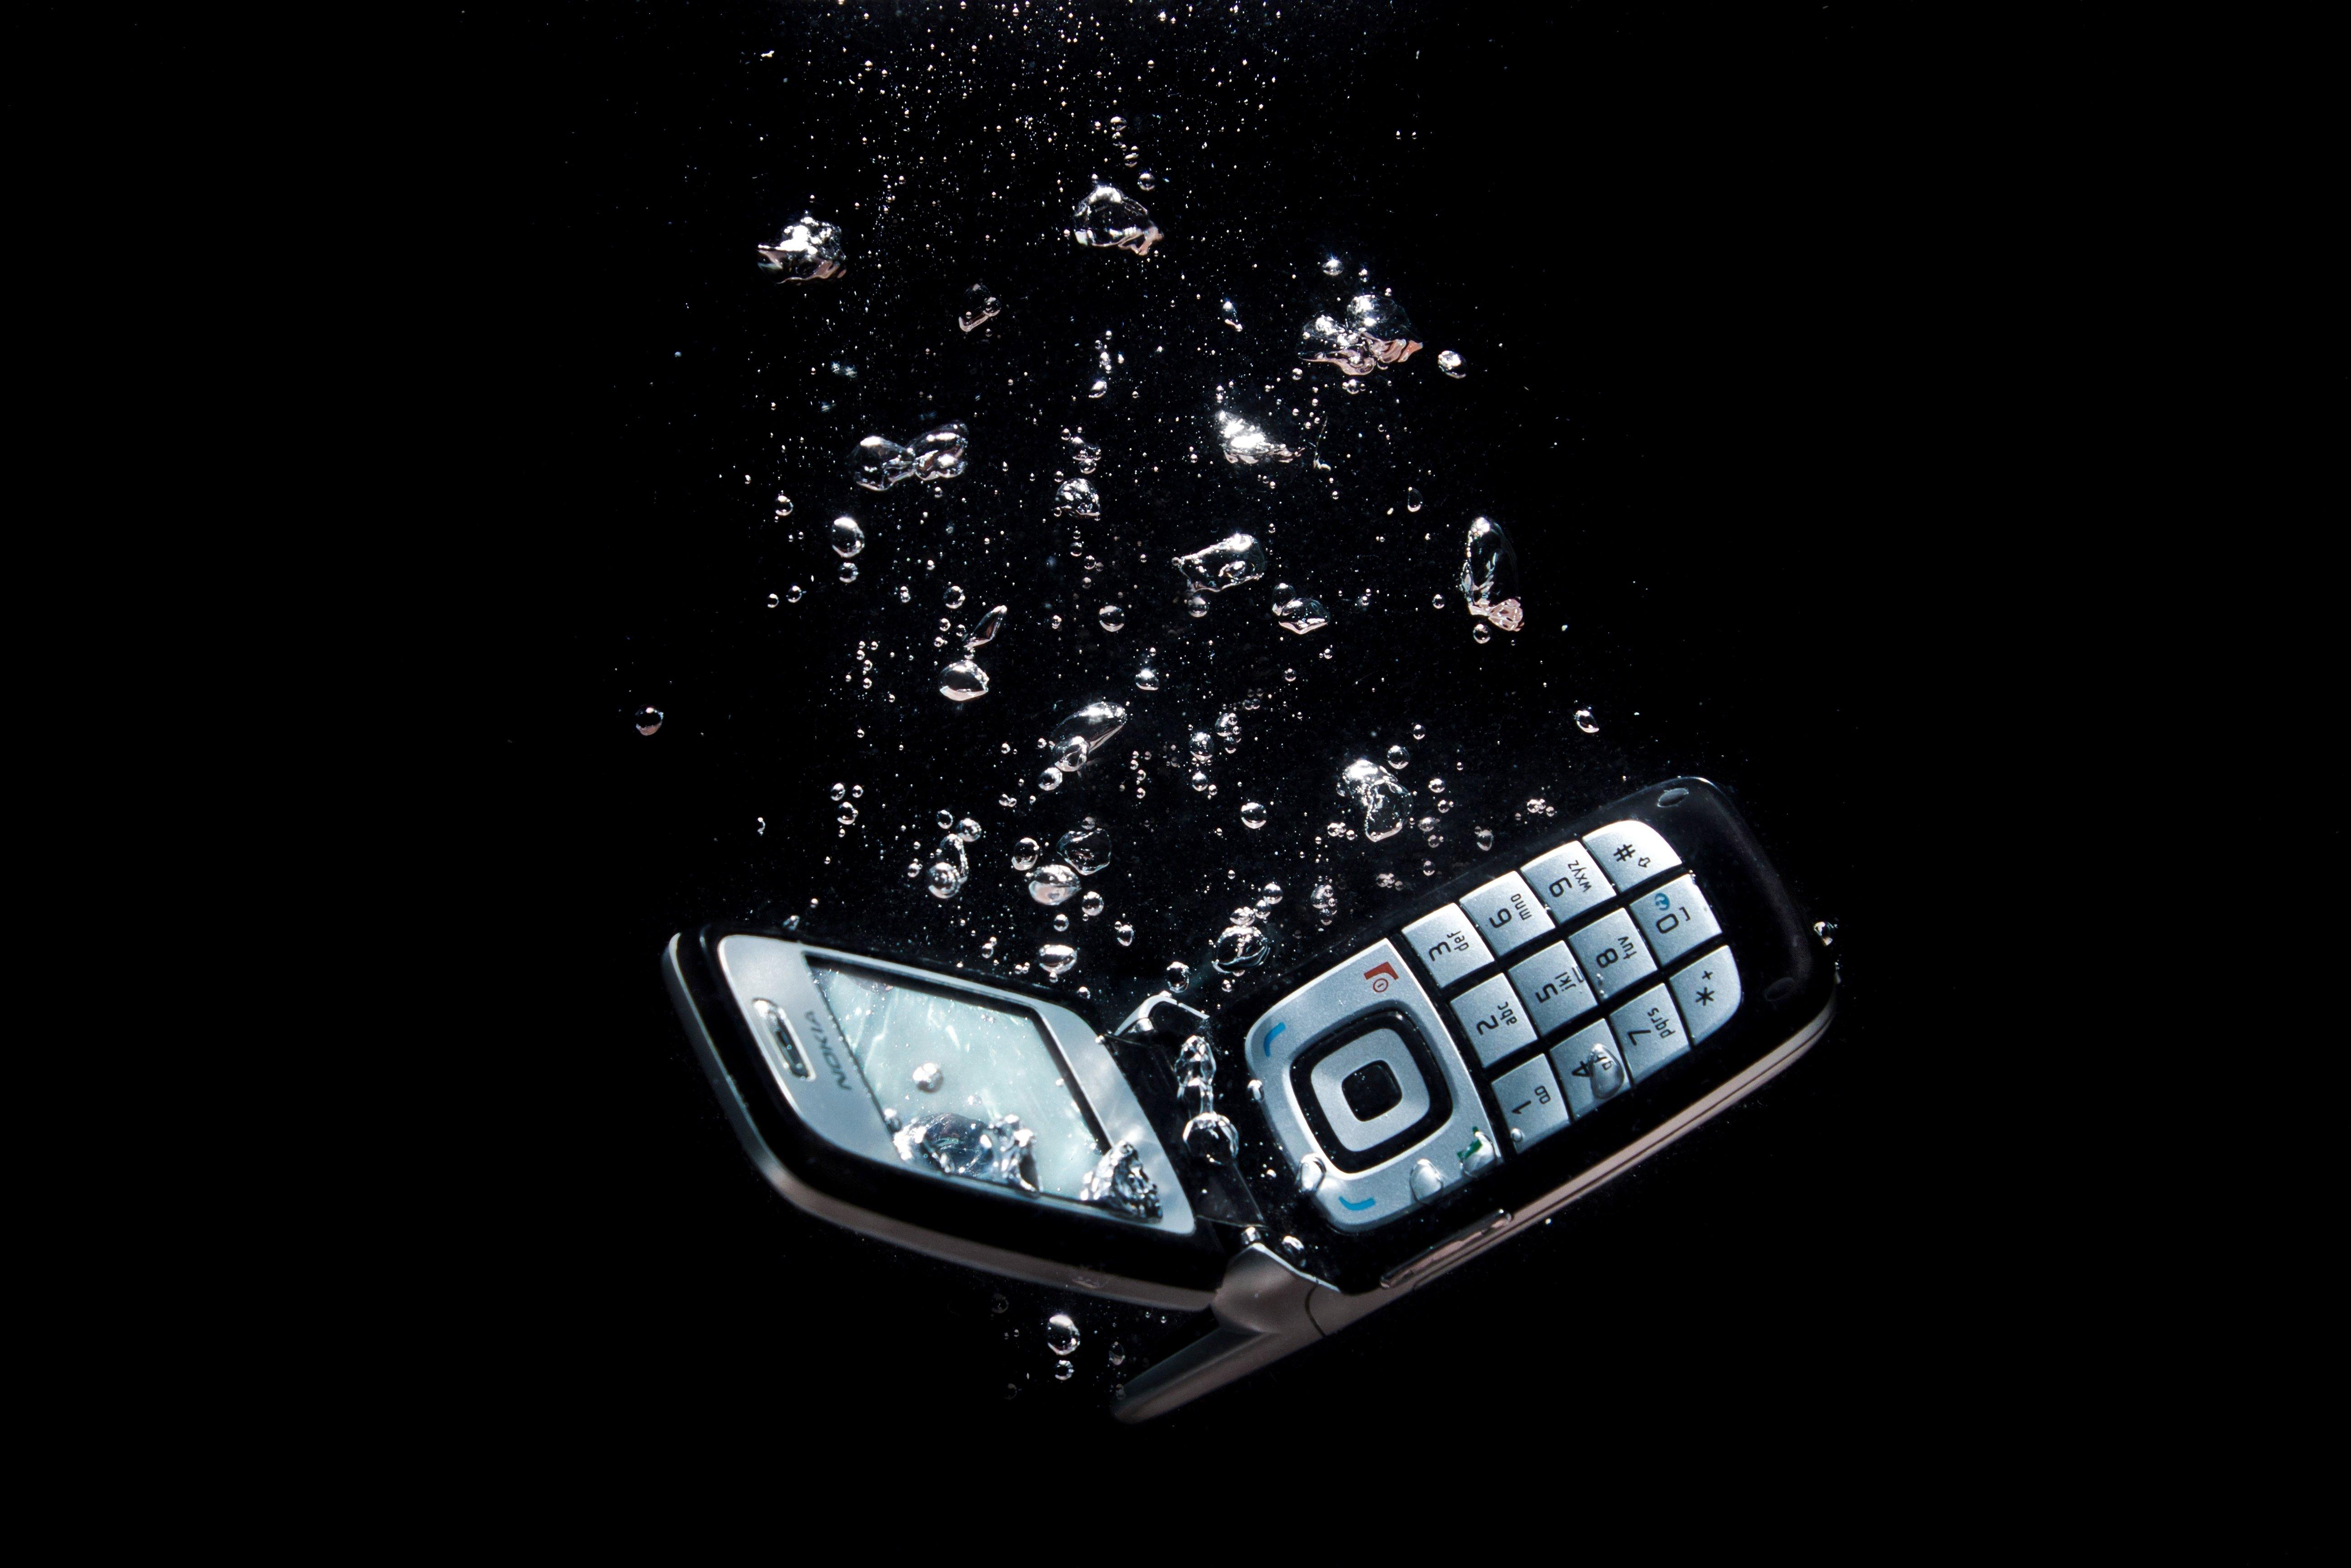 фотография на темном фоне для смартфона контактные линзы